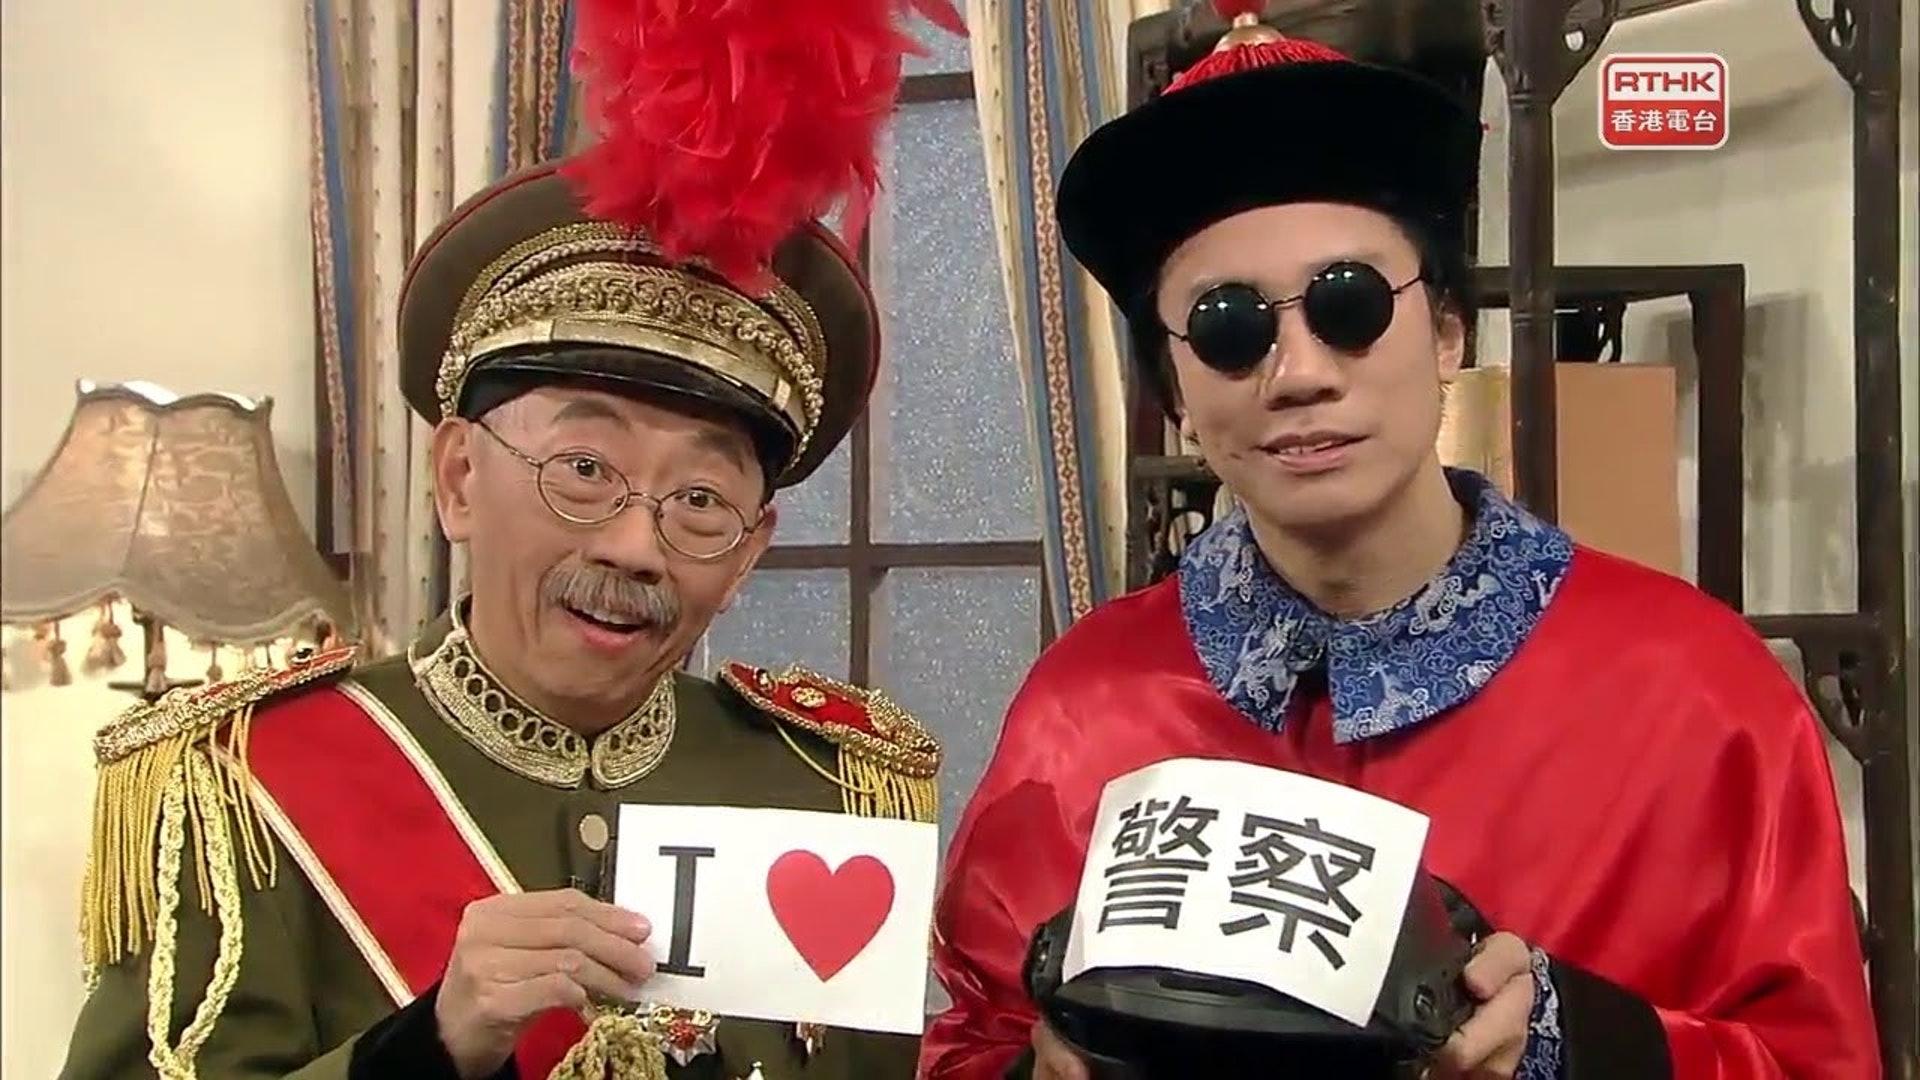 頭條新聞 主持曾志豪對下季打定輸數王喜不反對他人提司法覆核 香港01 社會新聞